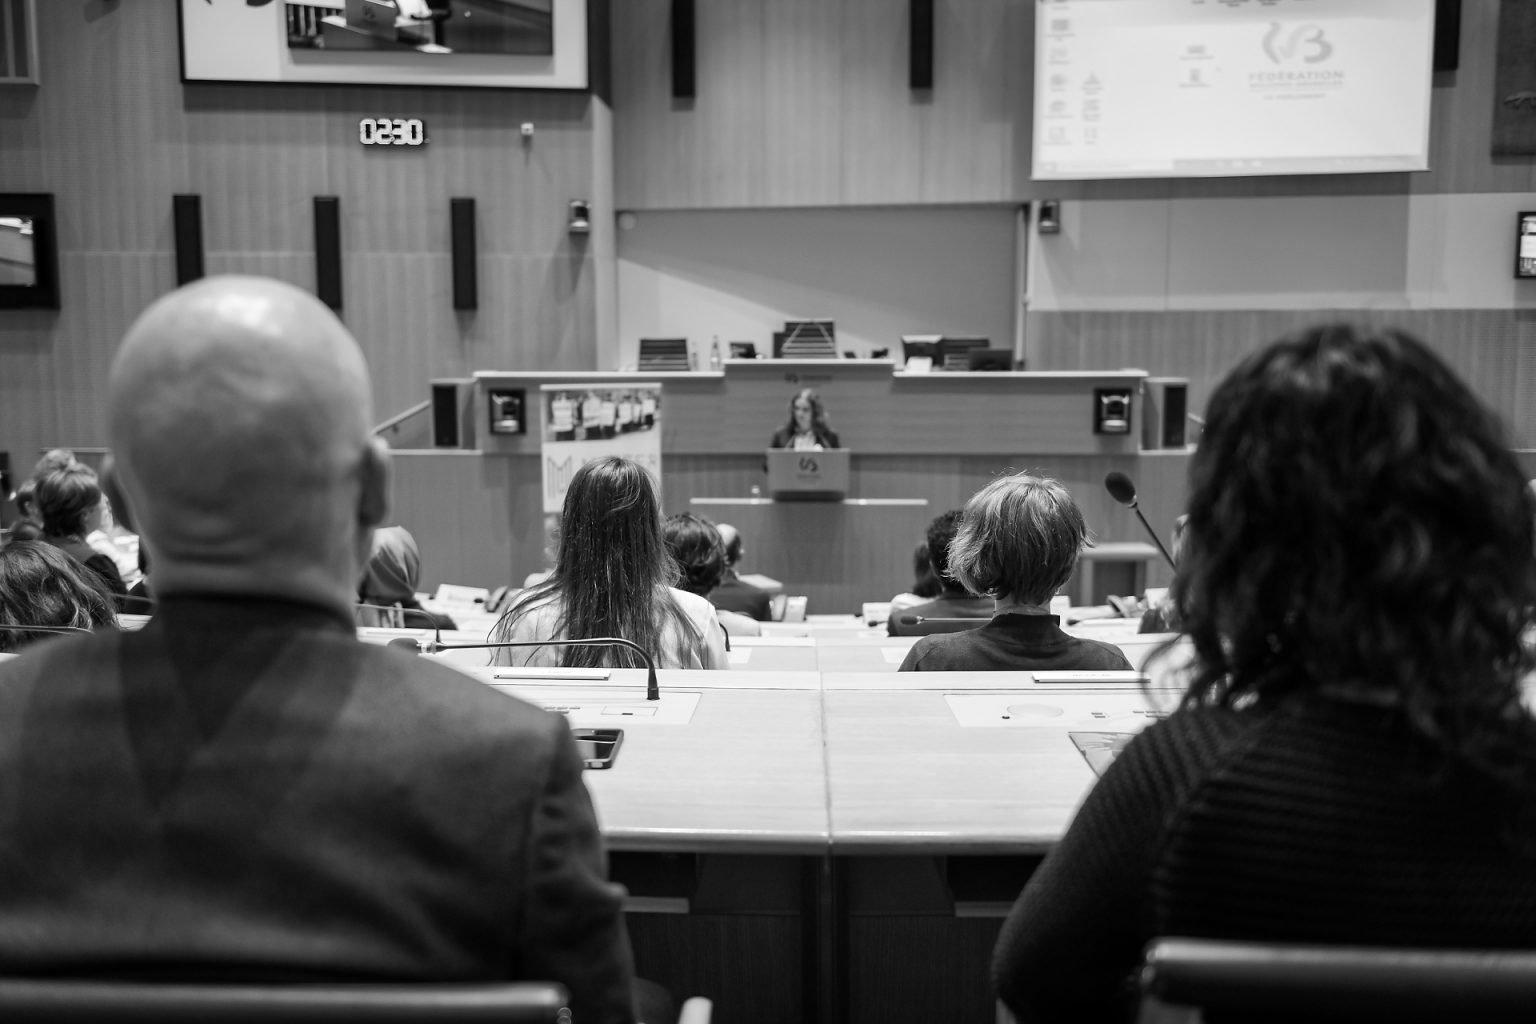 Détail du Parlement Fédération Wallonie-Bruxelles, Proclamation du Master de spécialisation en études de genre 2019 par Aurore Delsoir Photographe corporate